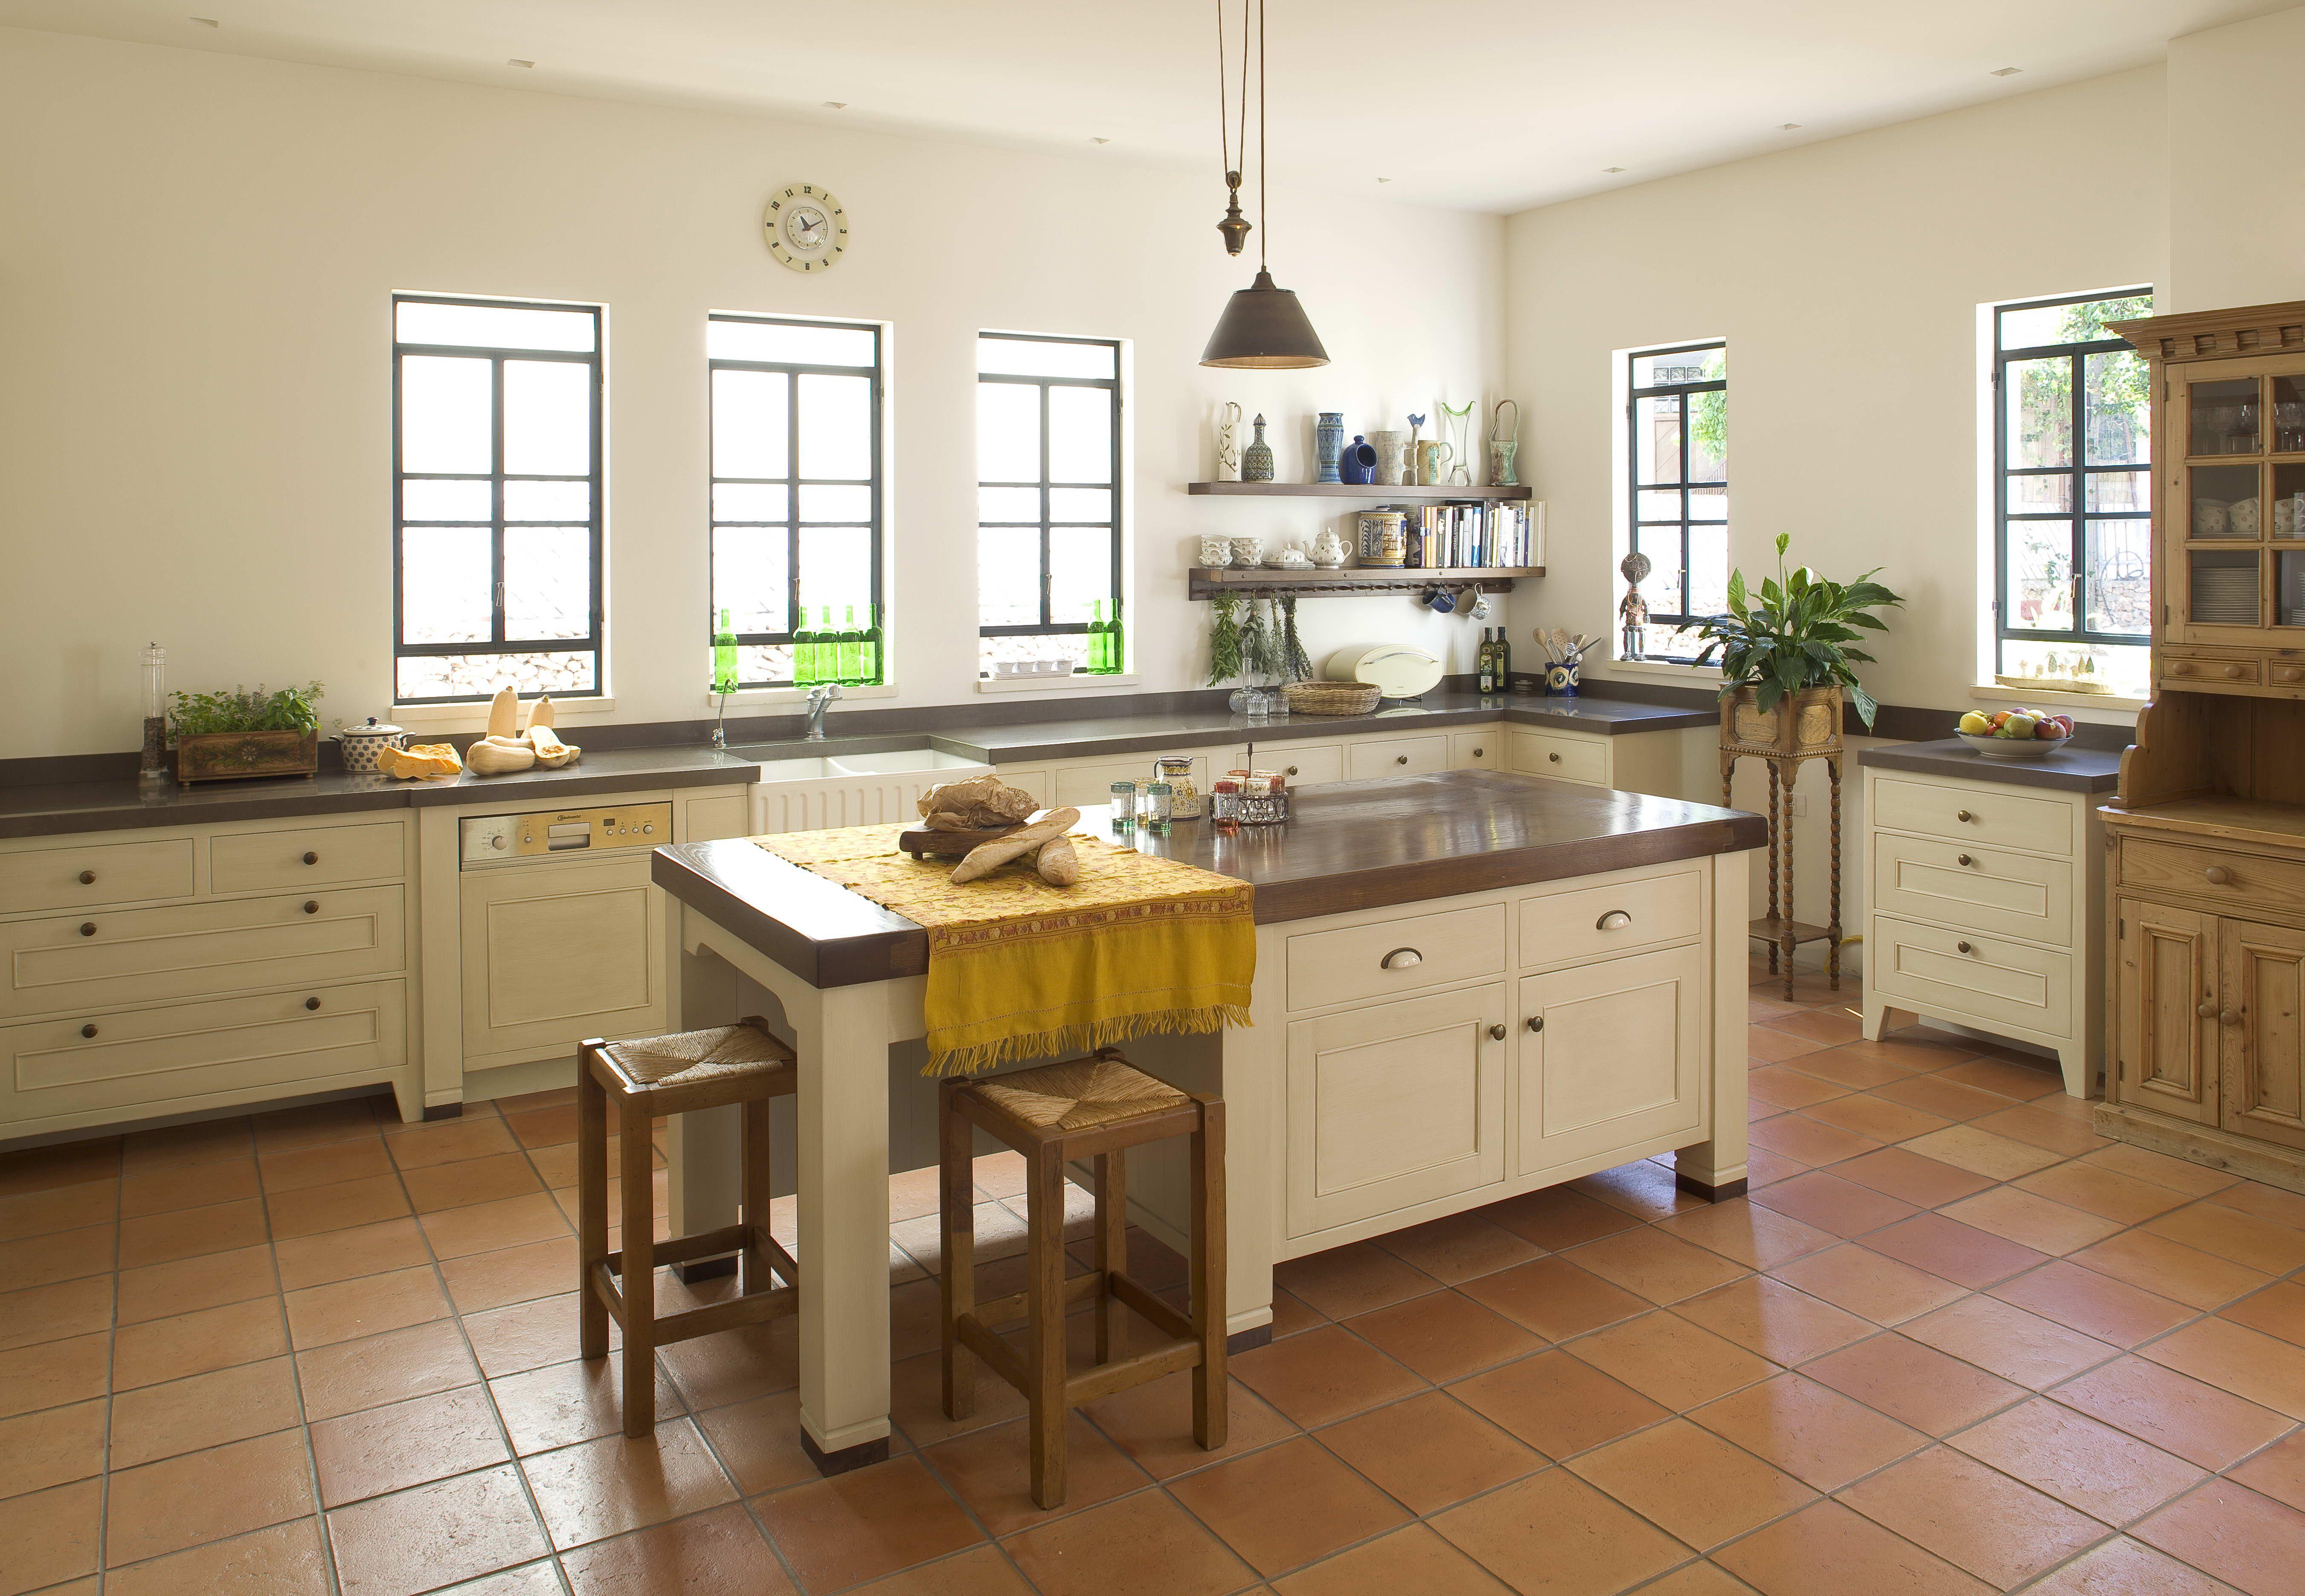 Ziemlich Kücheneinheit Tabelle Zeitgenössisch - Küchenschrank Ideen ...